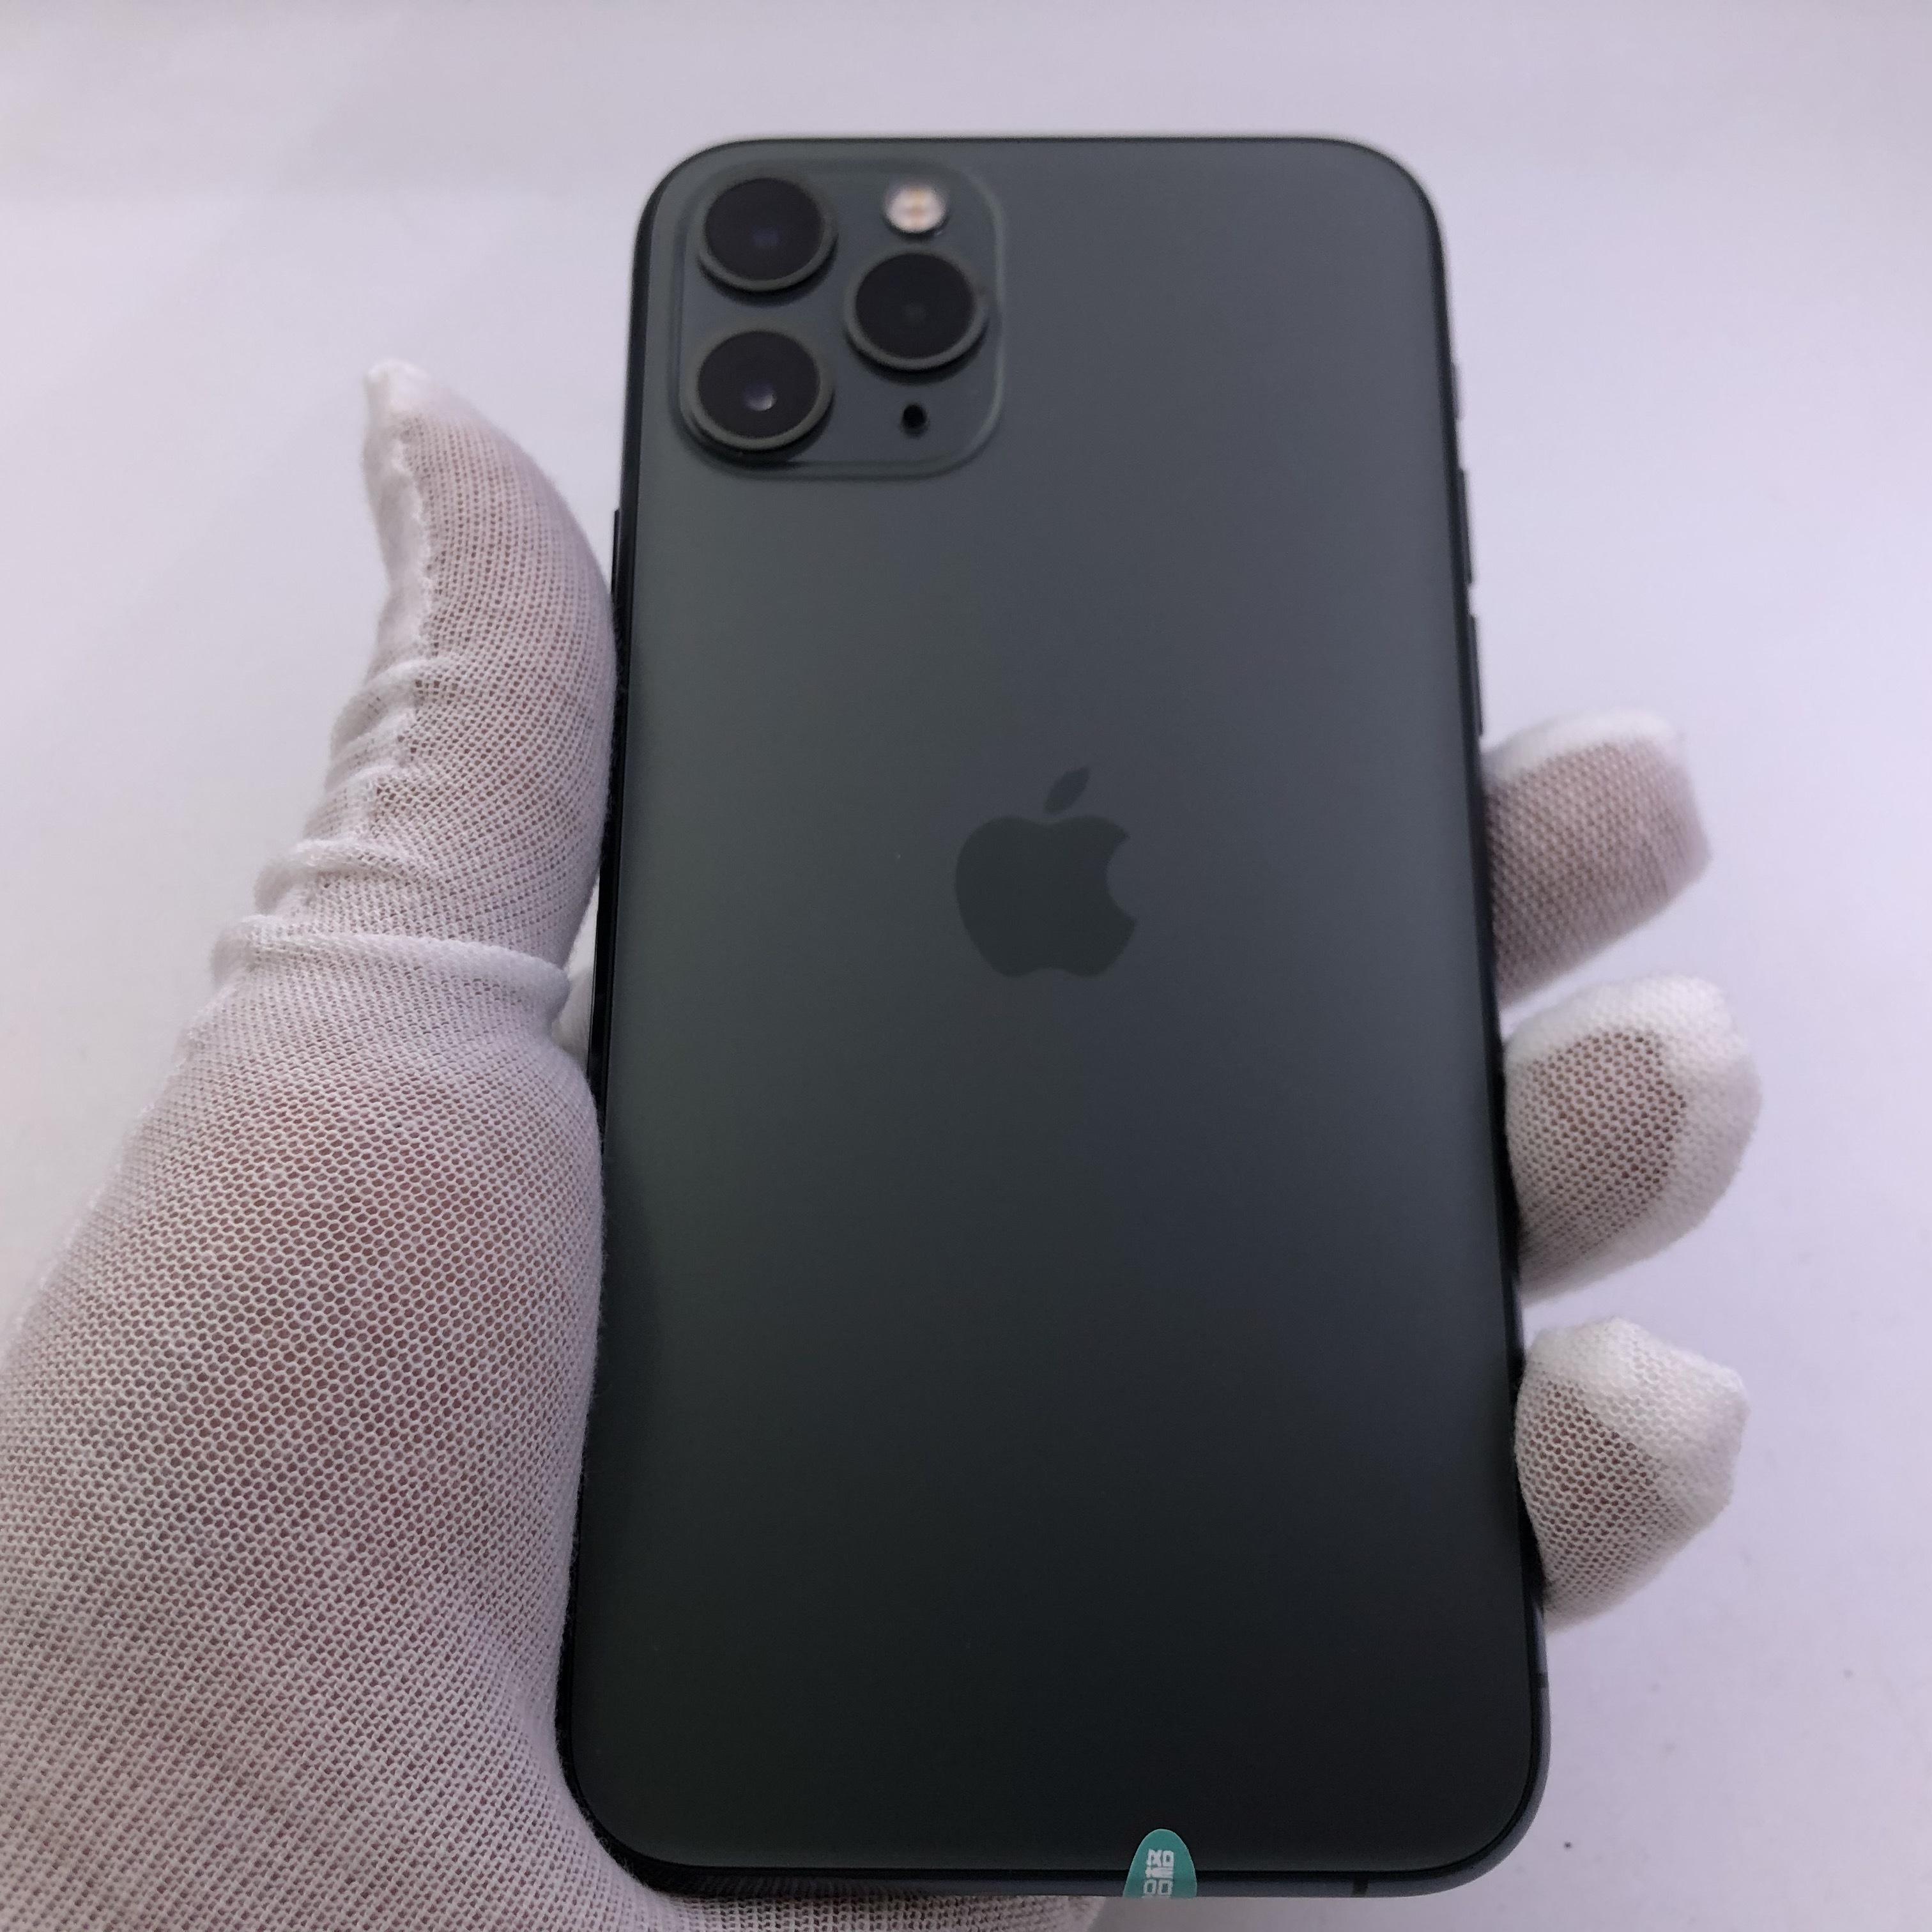 苹果【iPhone 11 Pro】4G全网通 暗夜绿色 256G 国行 99新